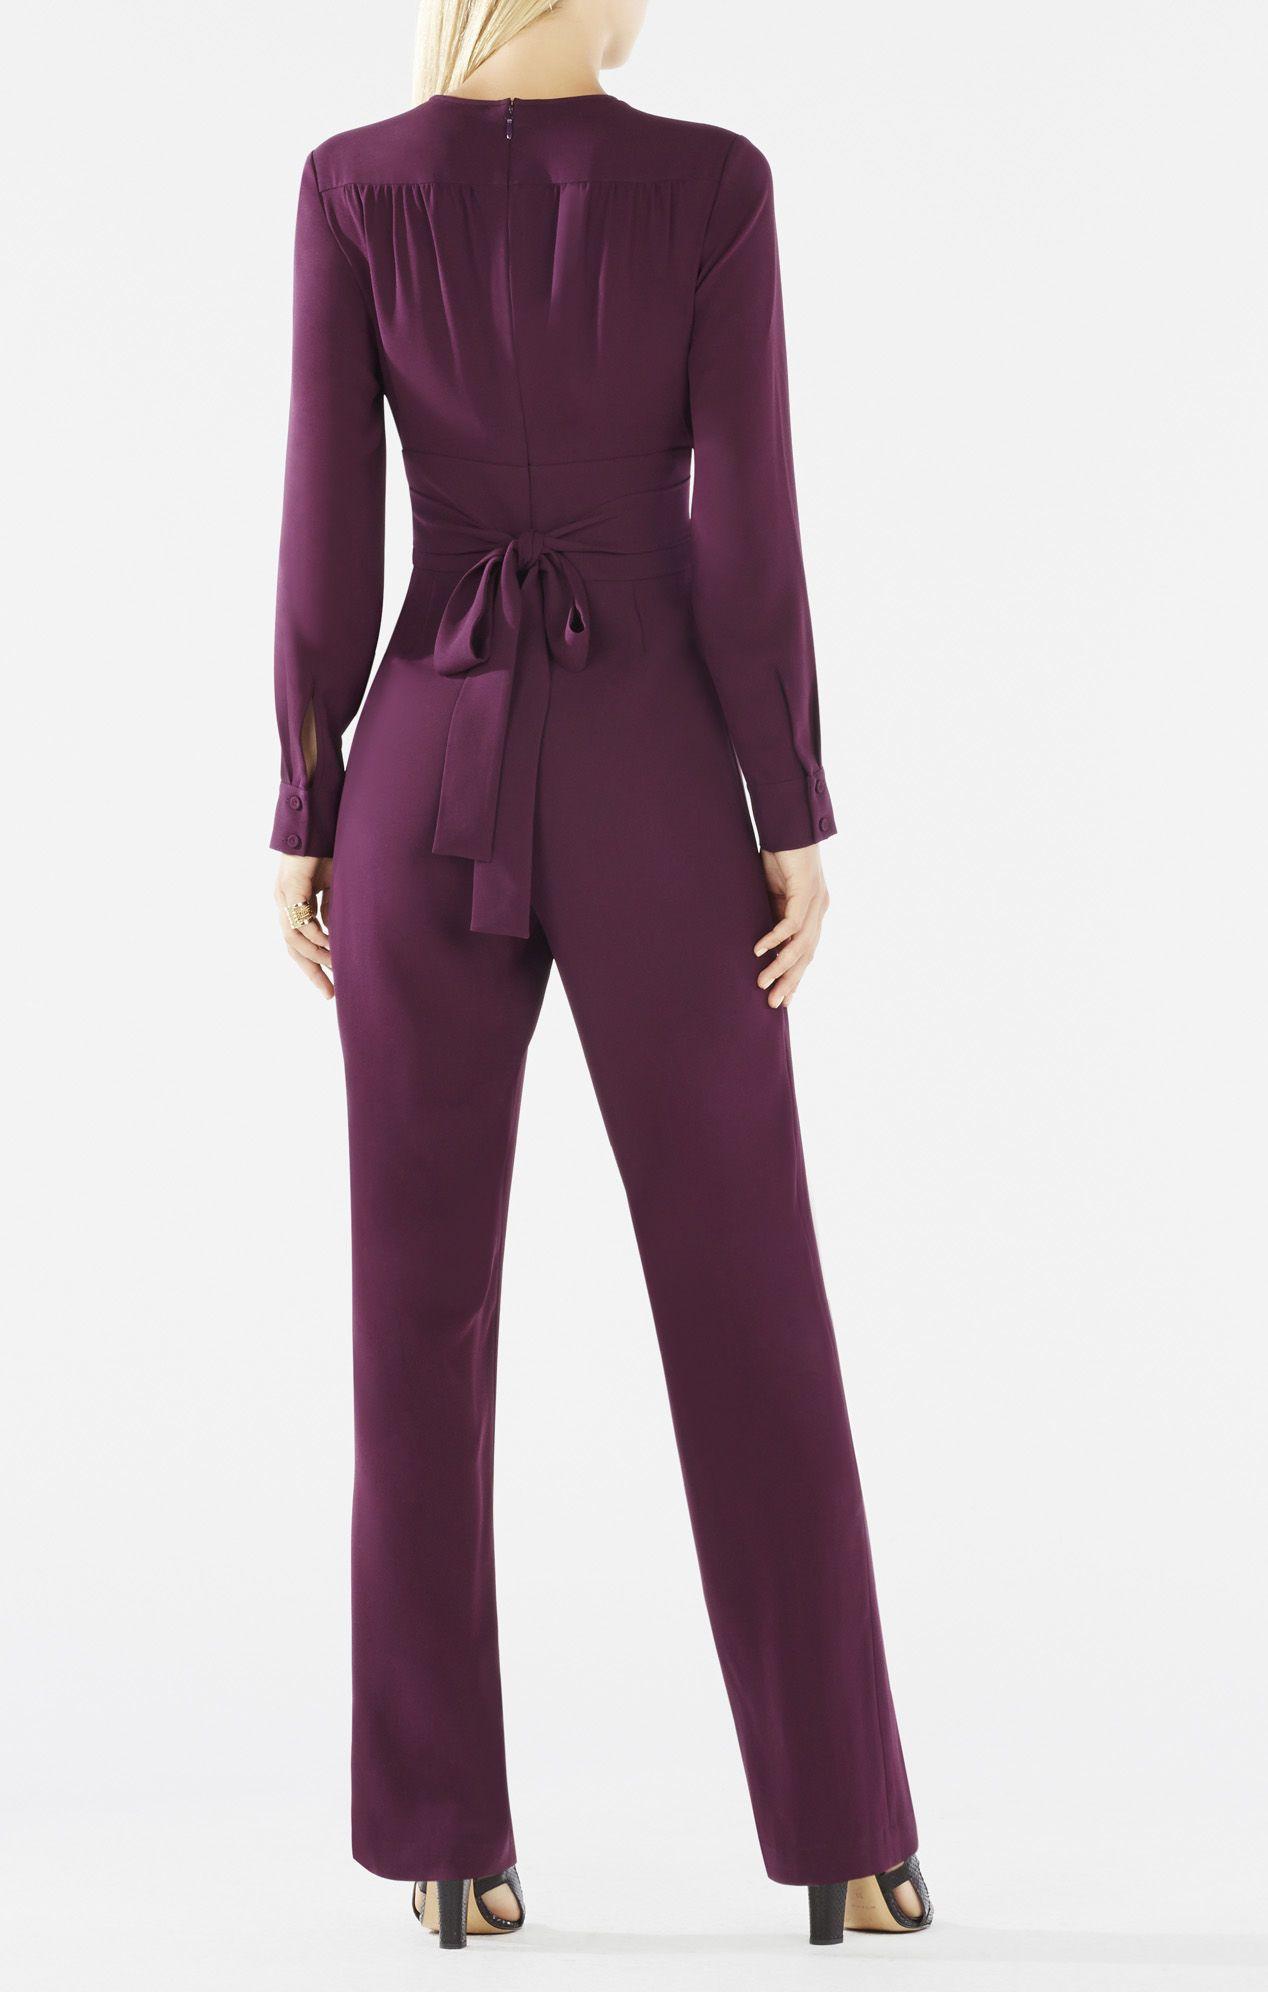 Schyler Long-Sleeve Button-Down Jumpsuit   Jumpsuit   Pinterest ...